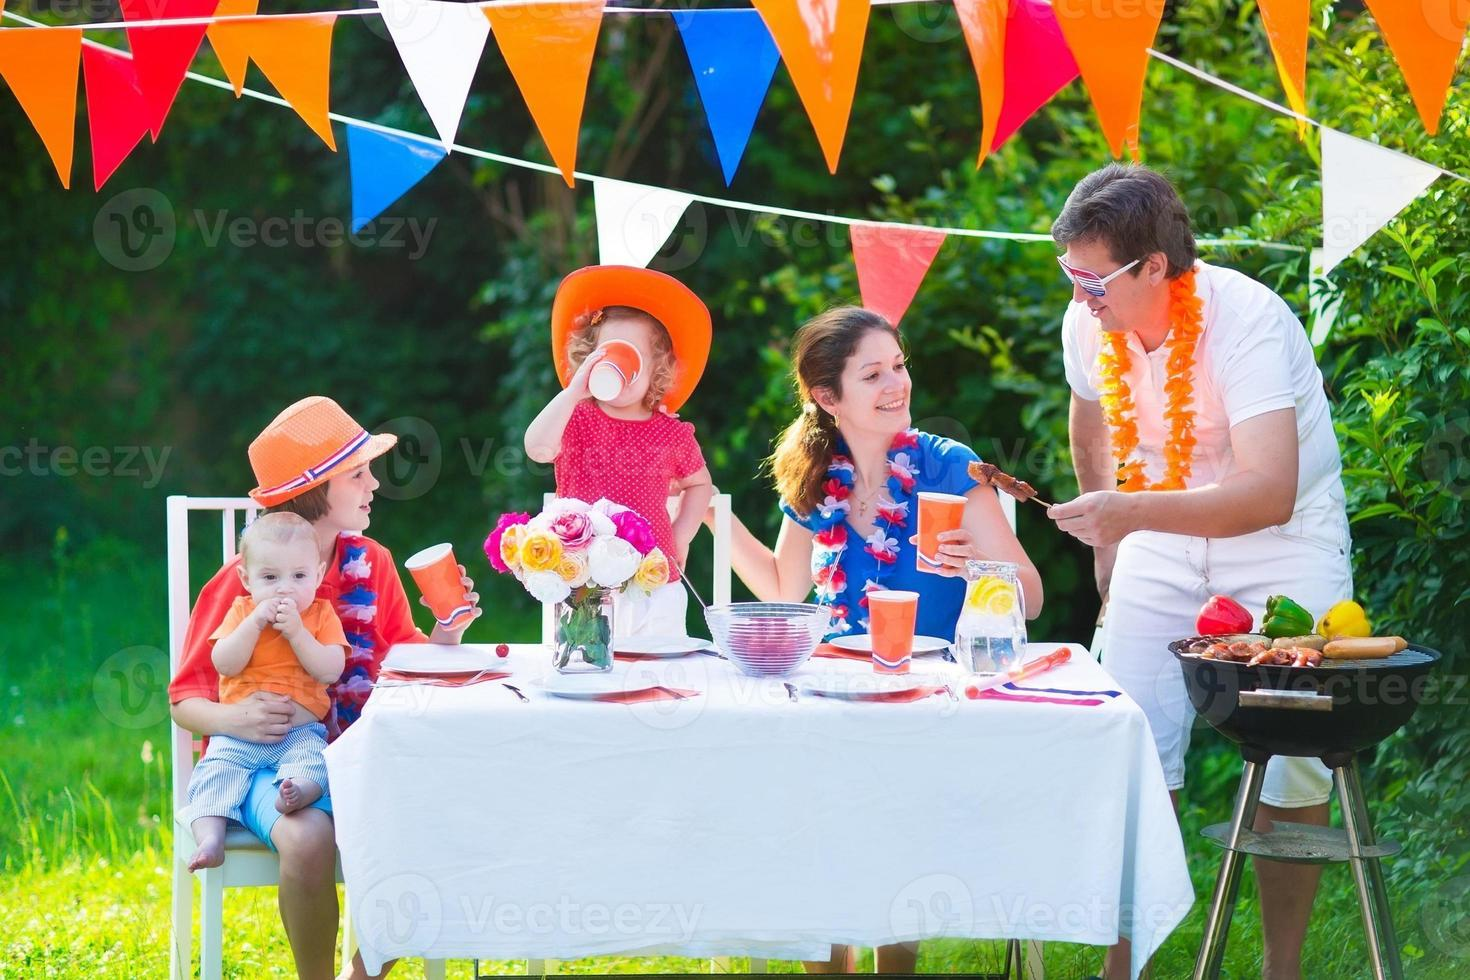 nederlandse familie met grillfeest foto